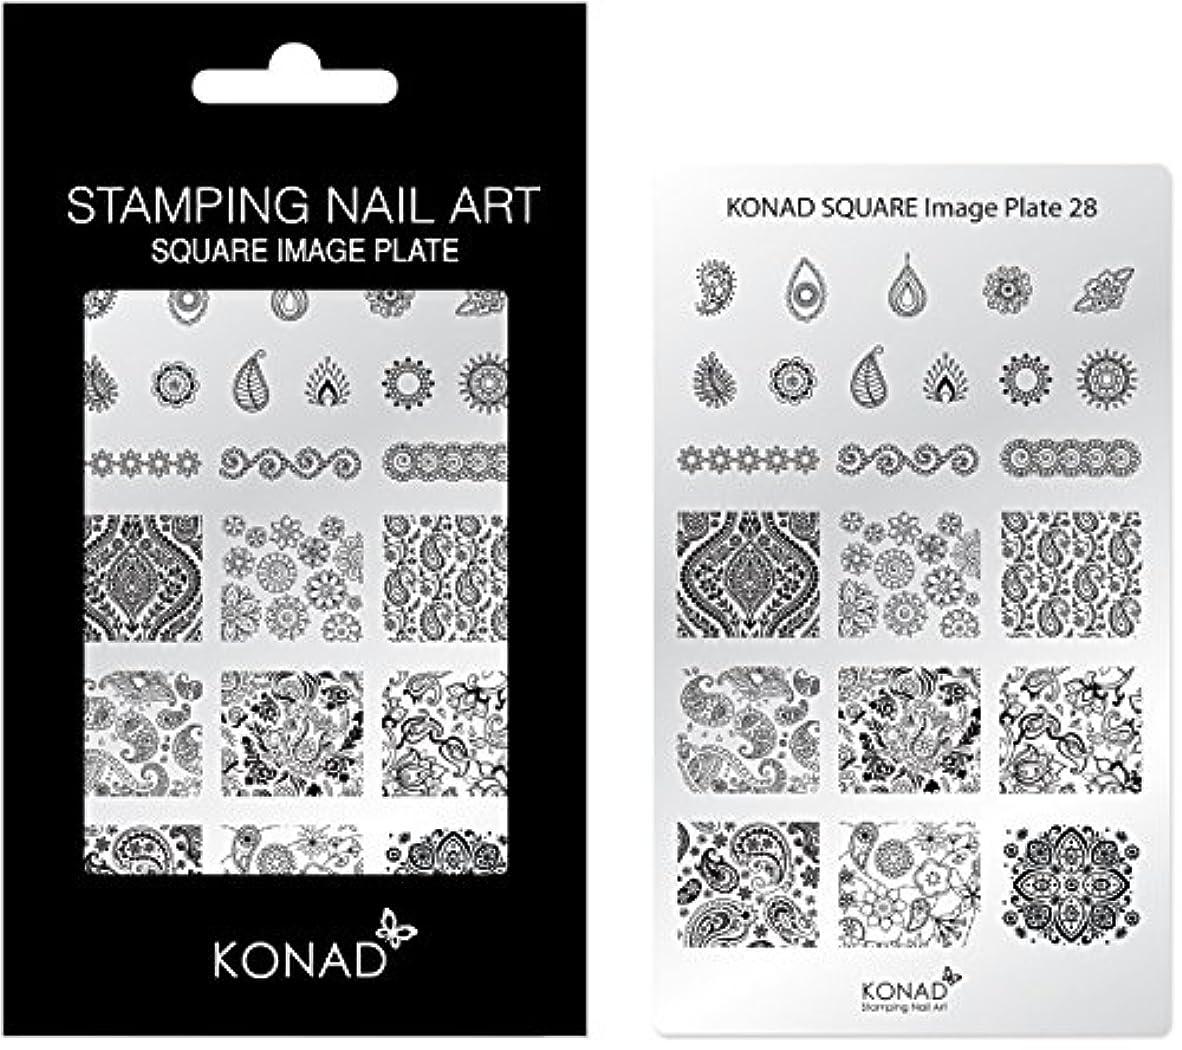 消化器焦げコストKONAD コナド スタンピングネイルアート専用 スクエアイメージプレート 28 ペイズリー